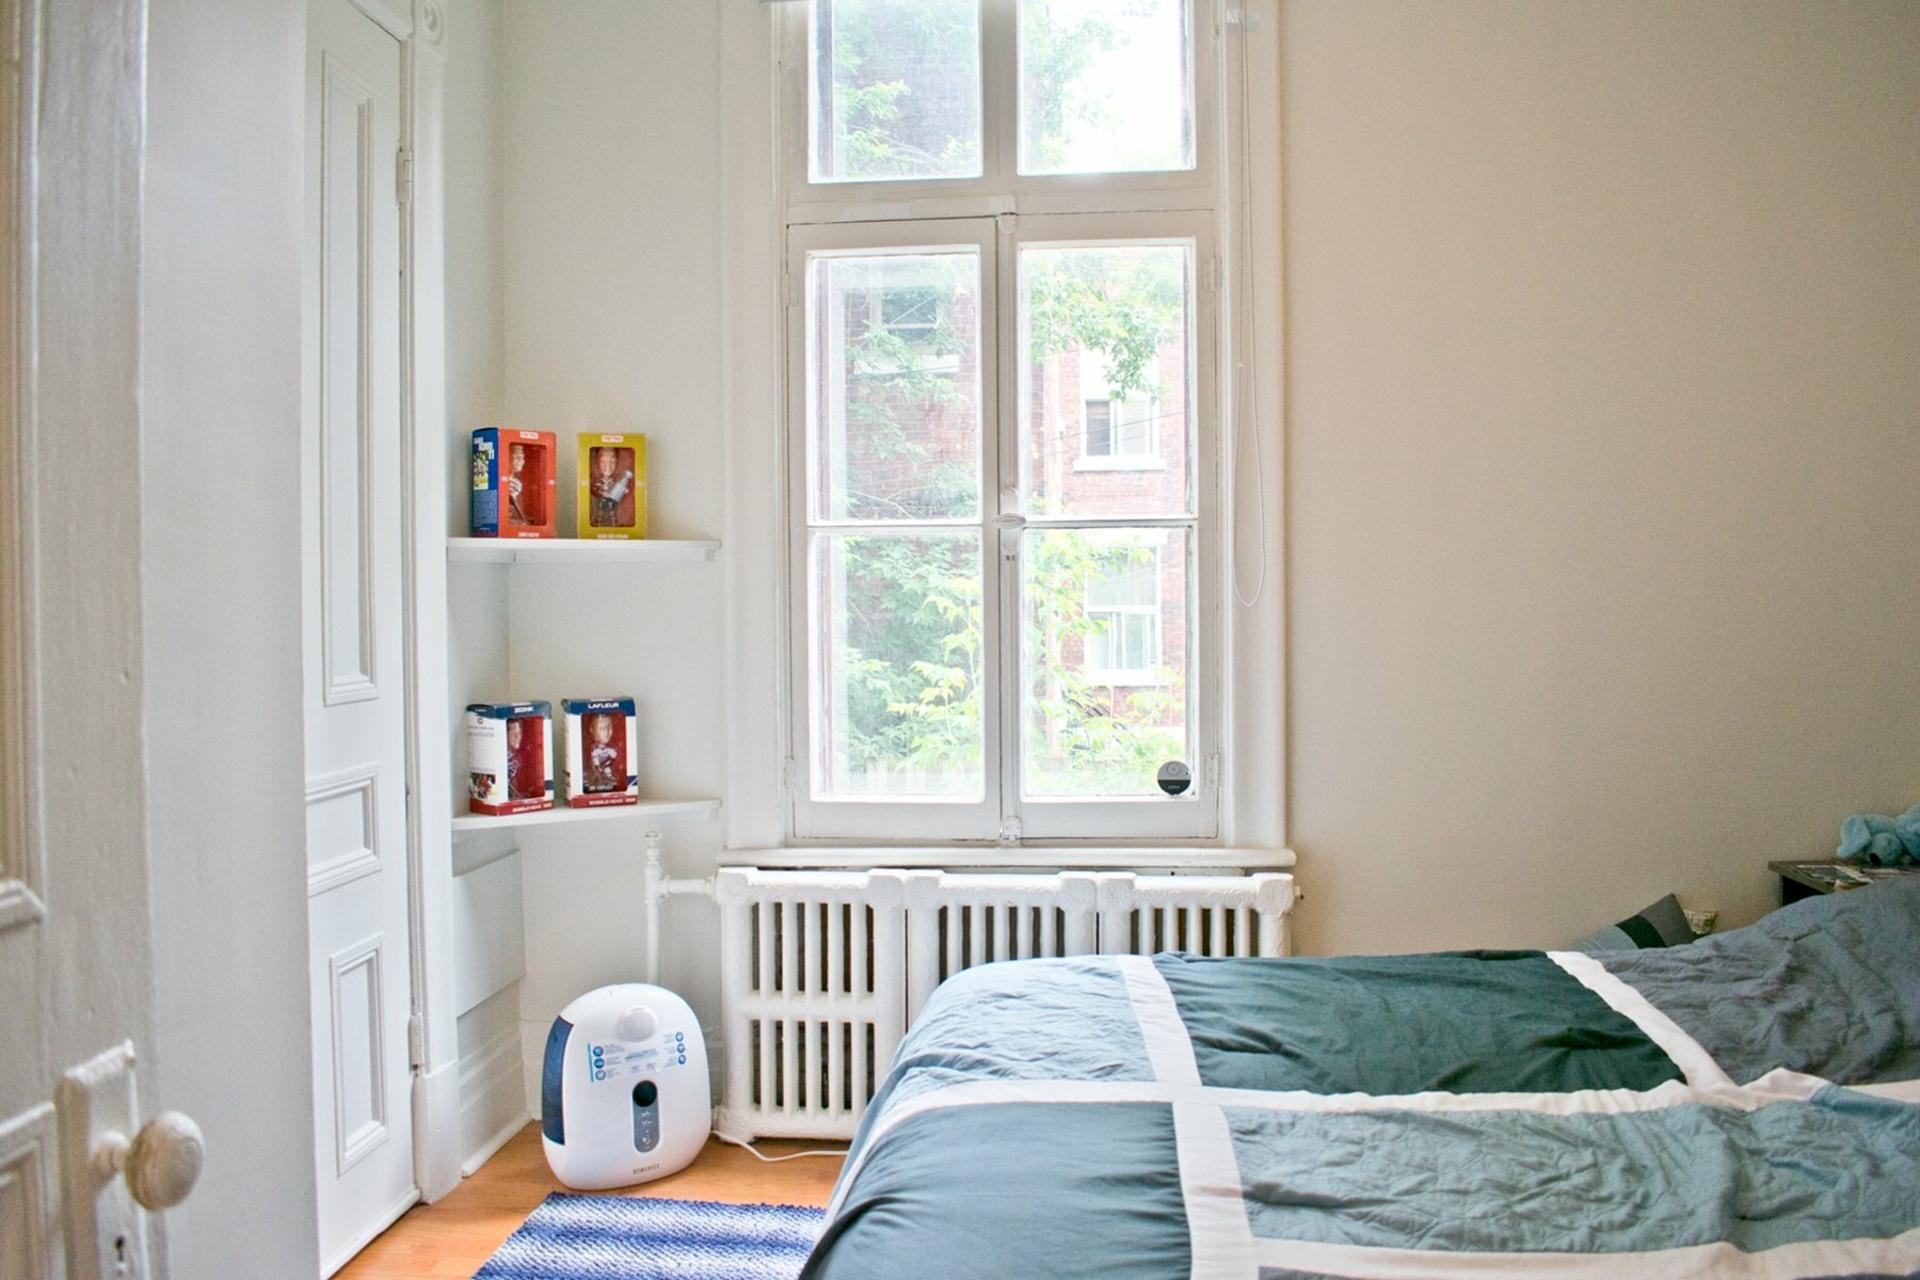 image 10 - Appartement À louer Côte-des-Neiges/Notre-Dame-de-Grâce Montréal  - 11 pièces